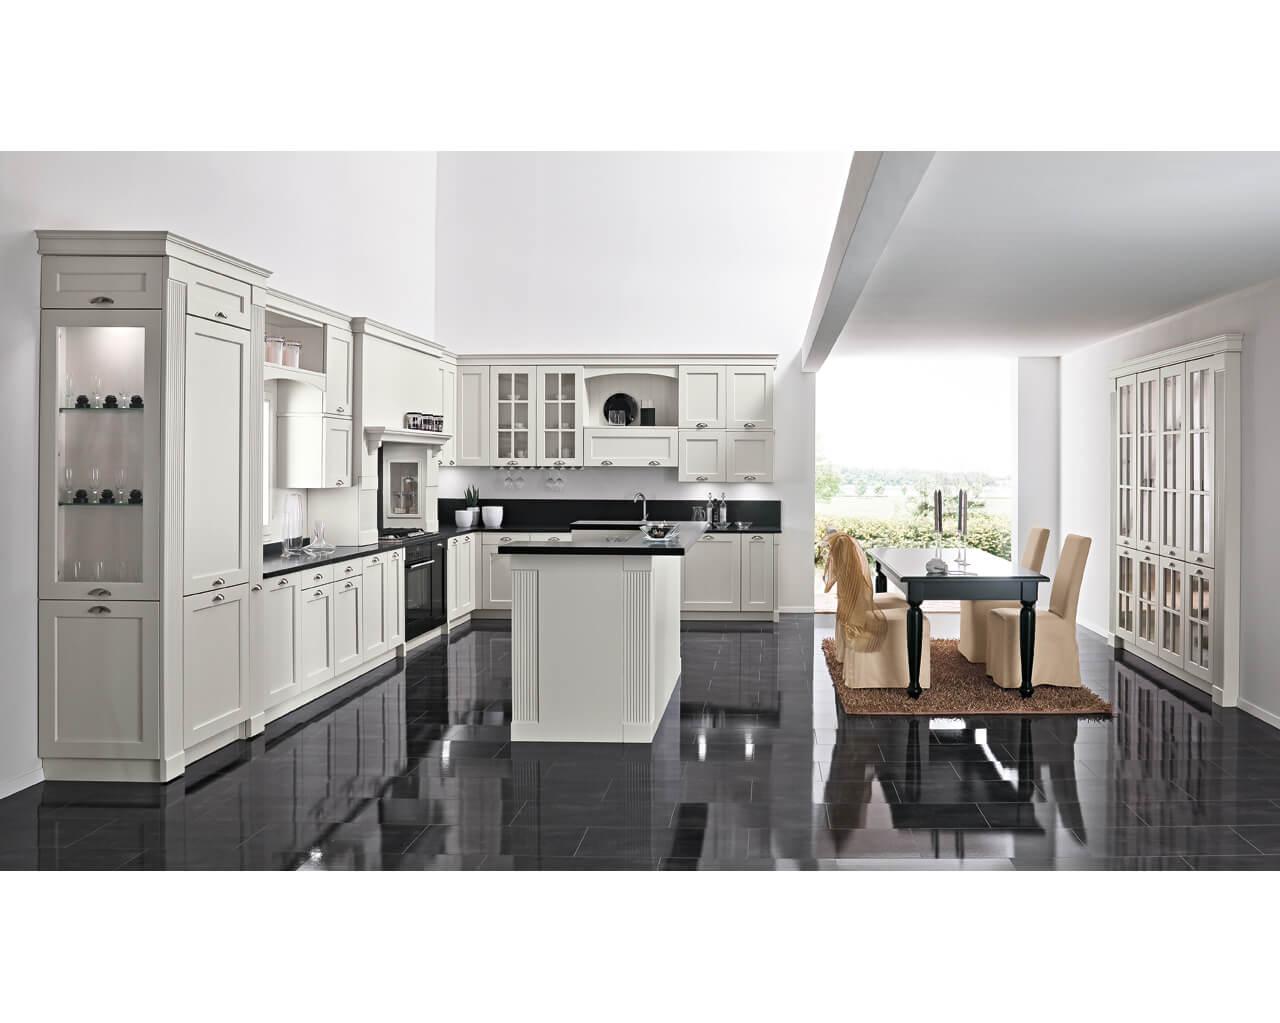 cucina-chiara-legno-bianca-001